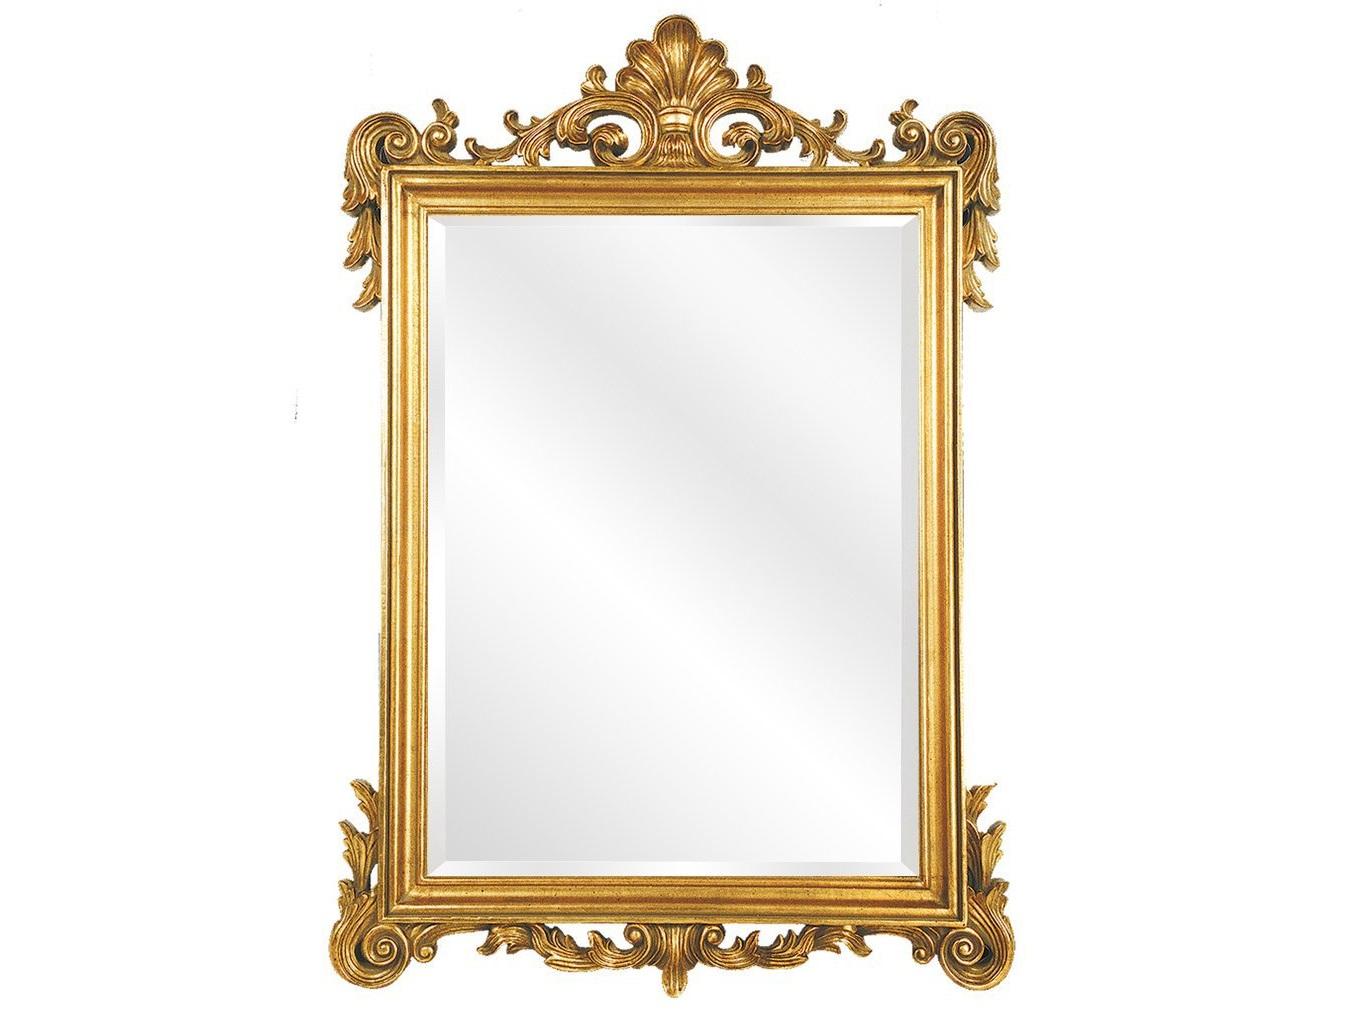 Зеркало МарсельНастенные зеркала<br>Крепления входят в стоимость.<br><br>Material: Пластик<br>Ширина см: 81.0<br>Высота см: 117.0<br>Глубина см: 6.0